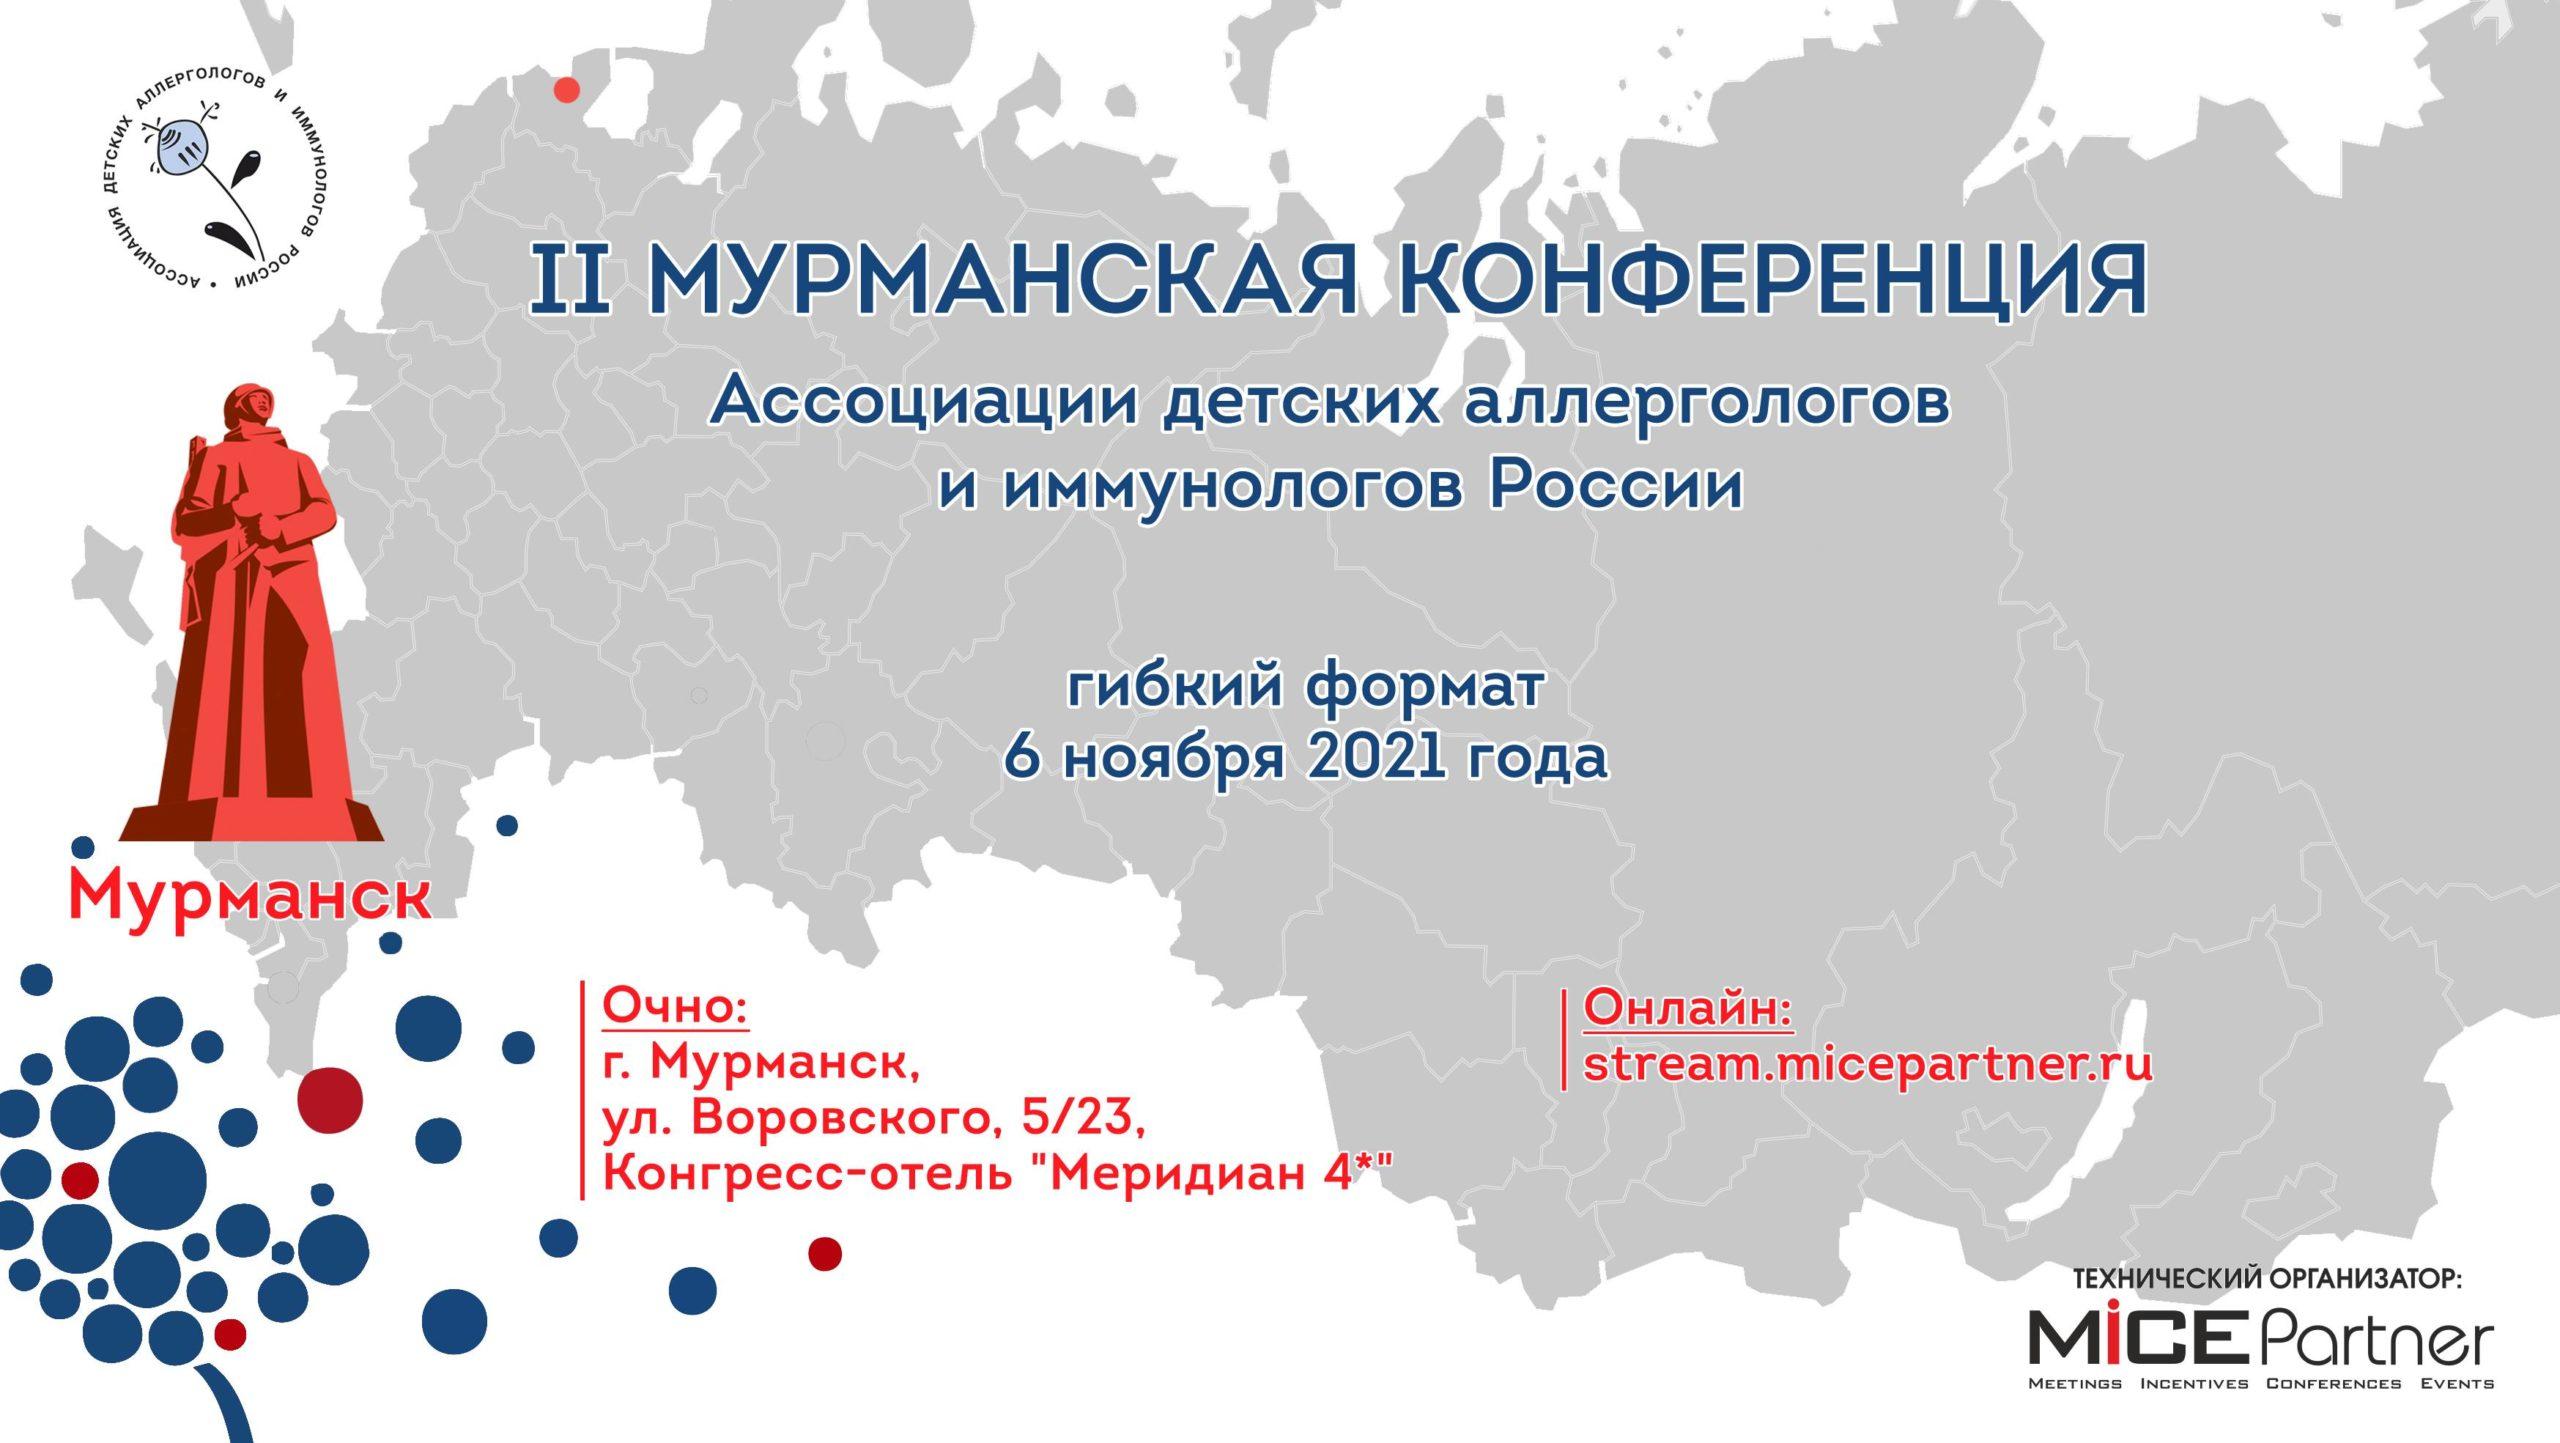 Баннер II Мурманской конференции